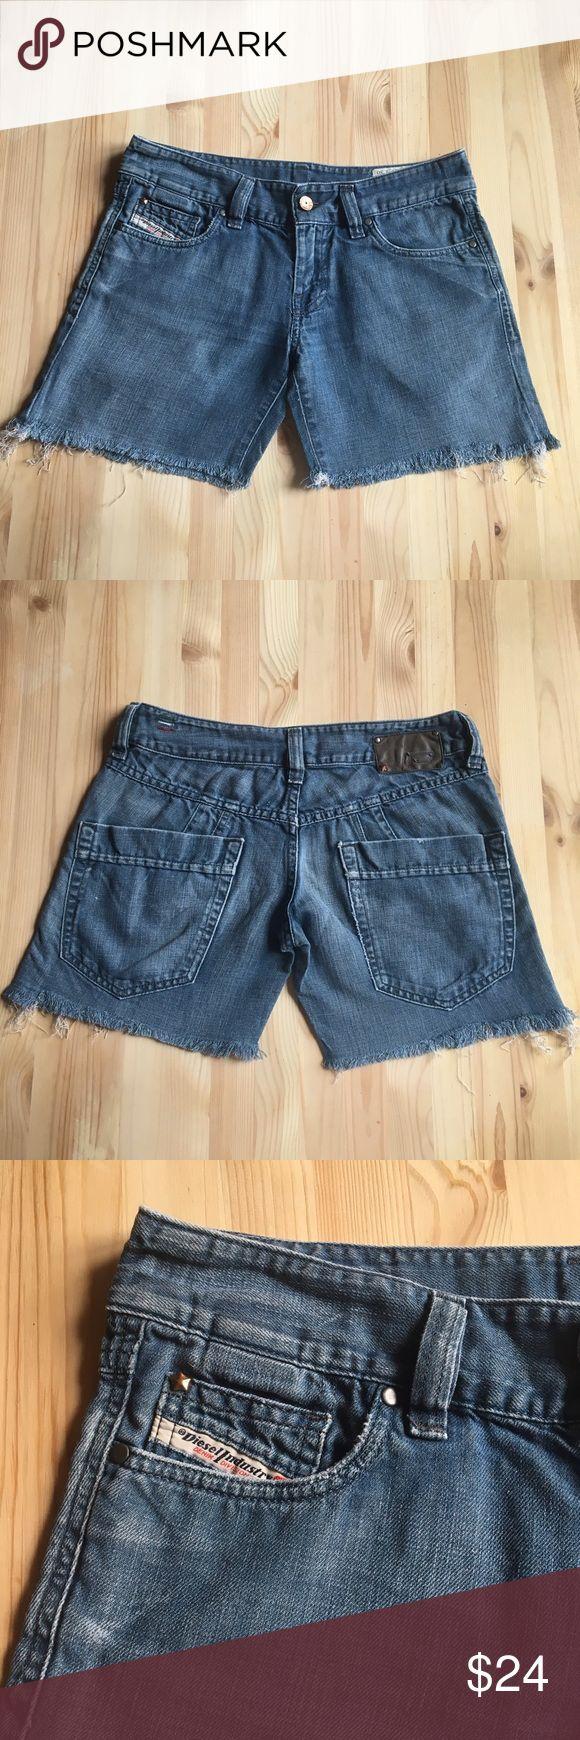 """Diesel Denim Shorts Cutoff Distressed Frayed Sz 27 56% cotton, 44% Linen, inseam 5"""", waist 15.5"""" Diesel Shorts Jean Shorts"""